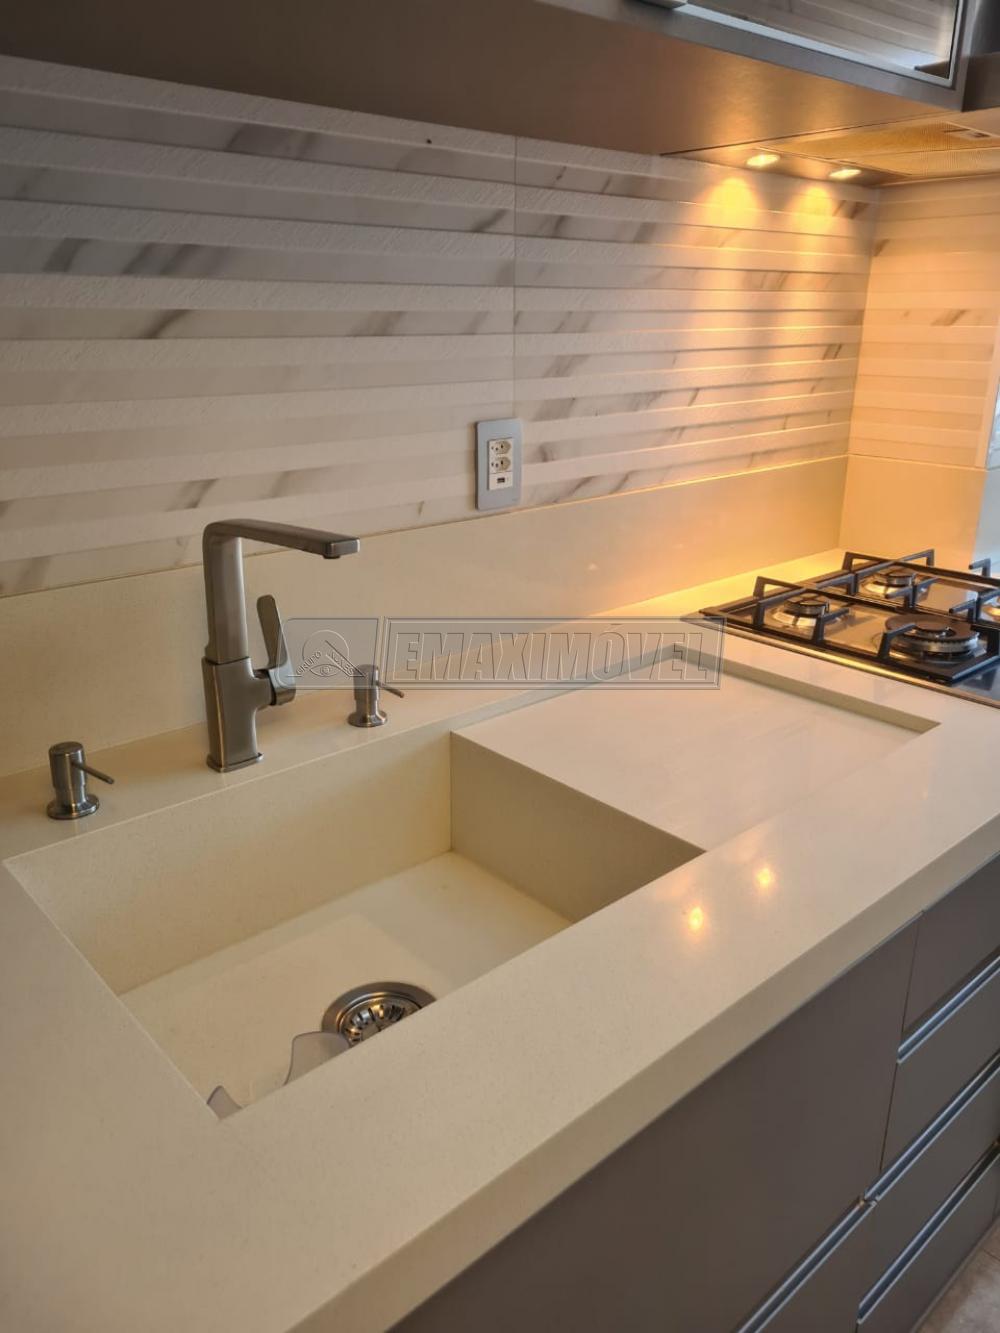 Comprar Apartamento / Padrão em Sorocaba R$ 300.000,00 - Foto 20